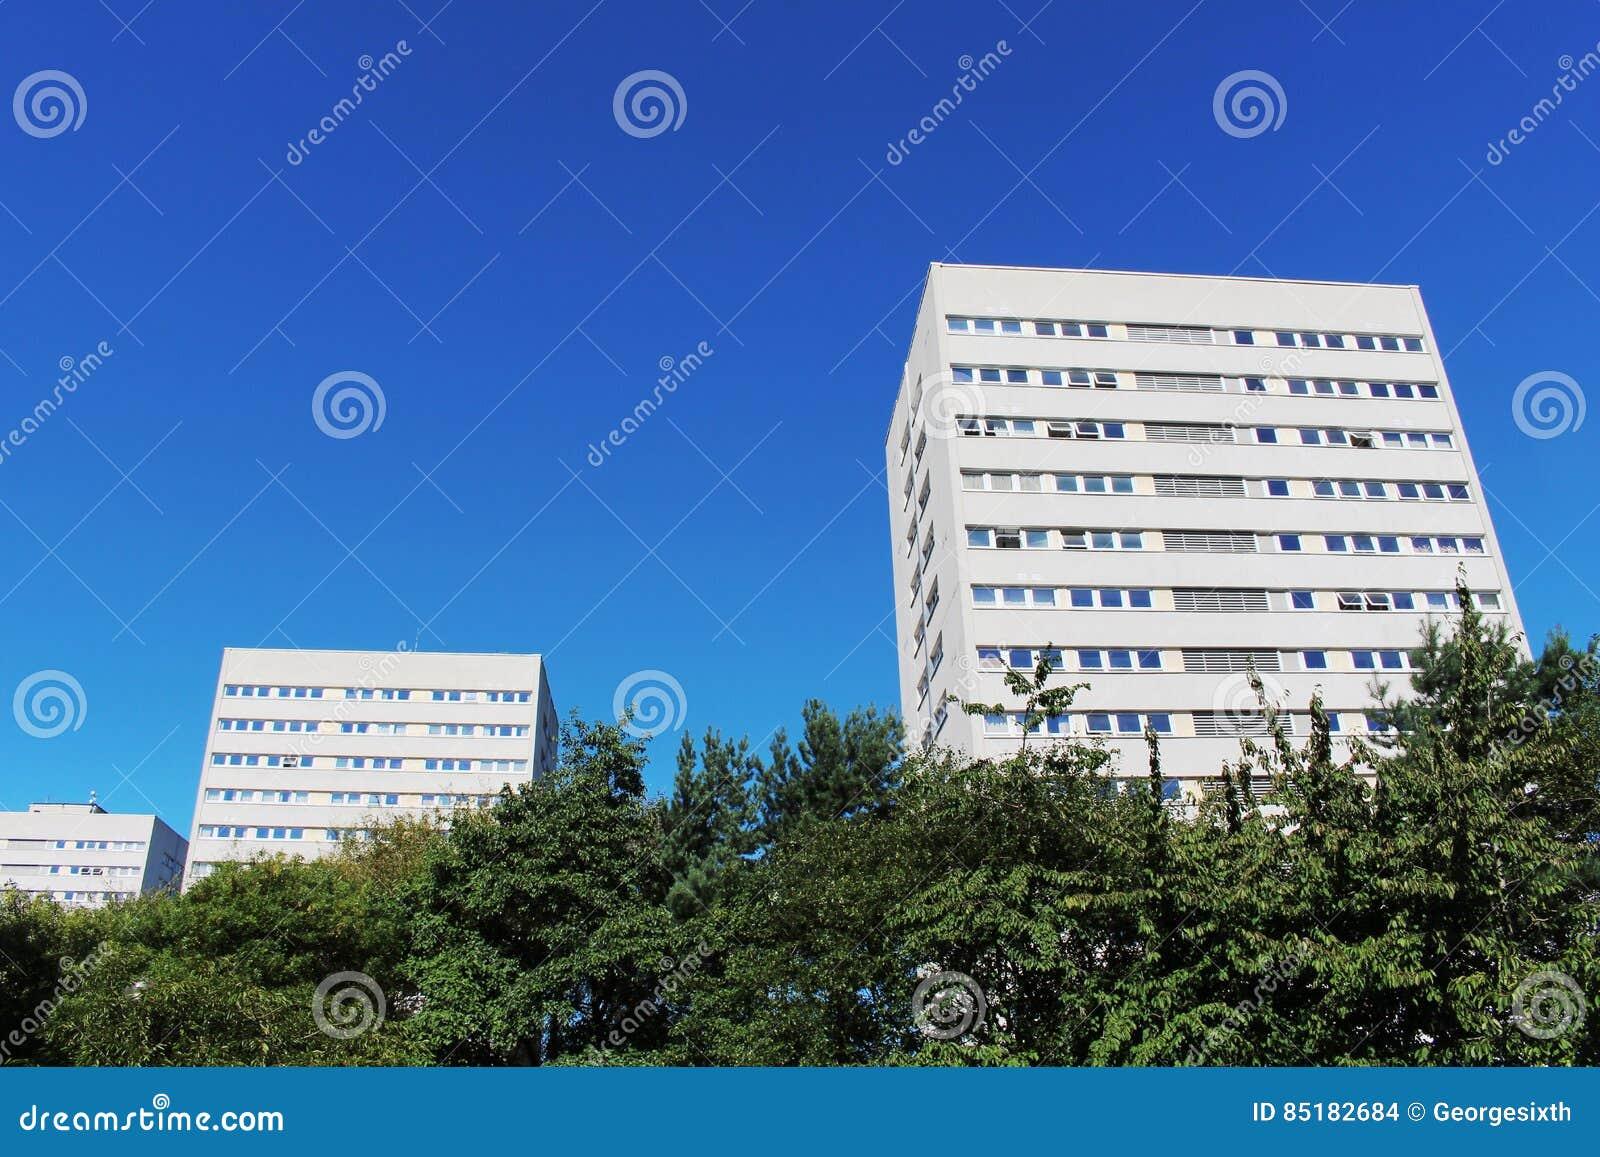 Bloques de apartamentos blancos modernos contra SK azul